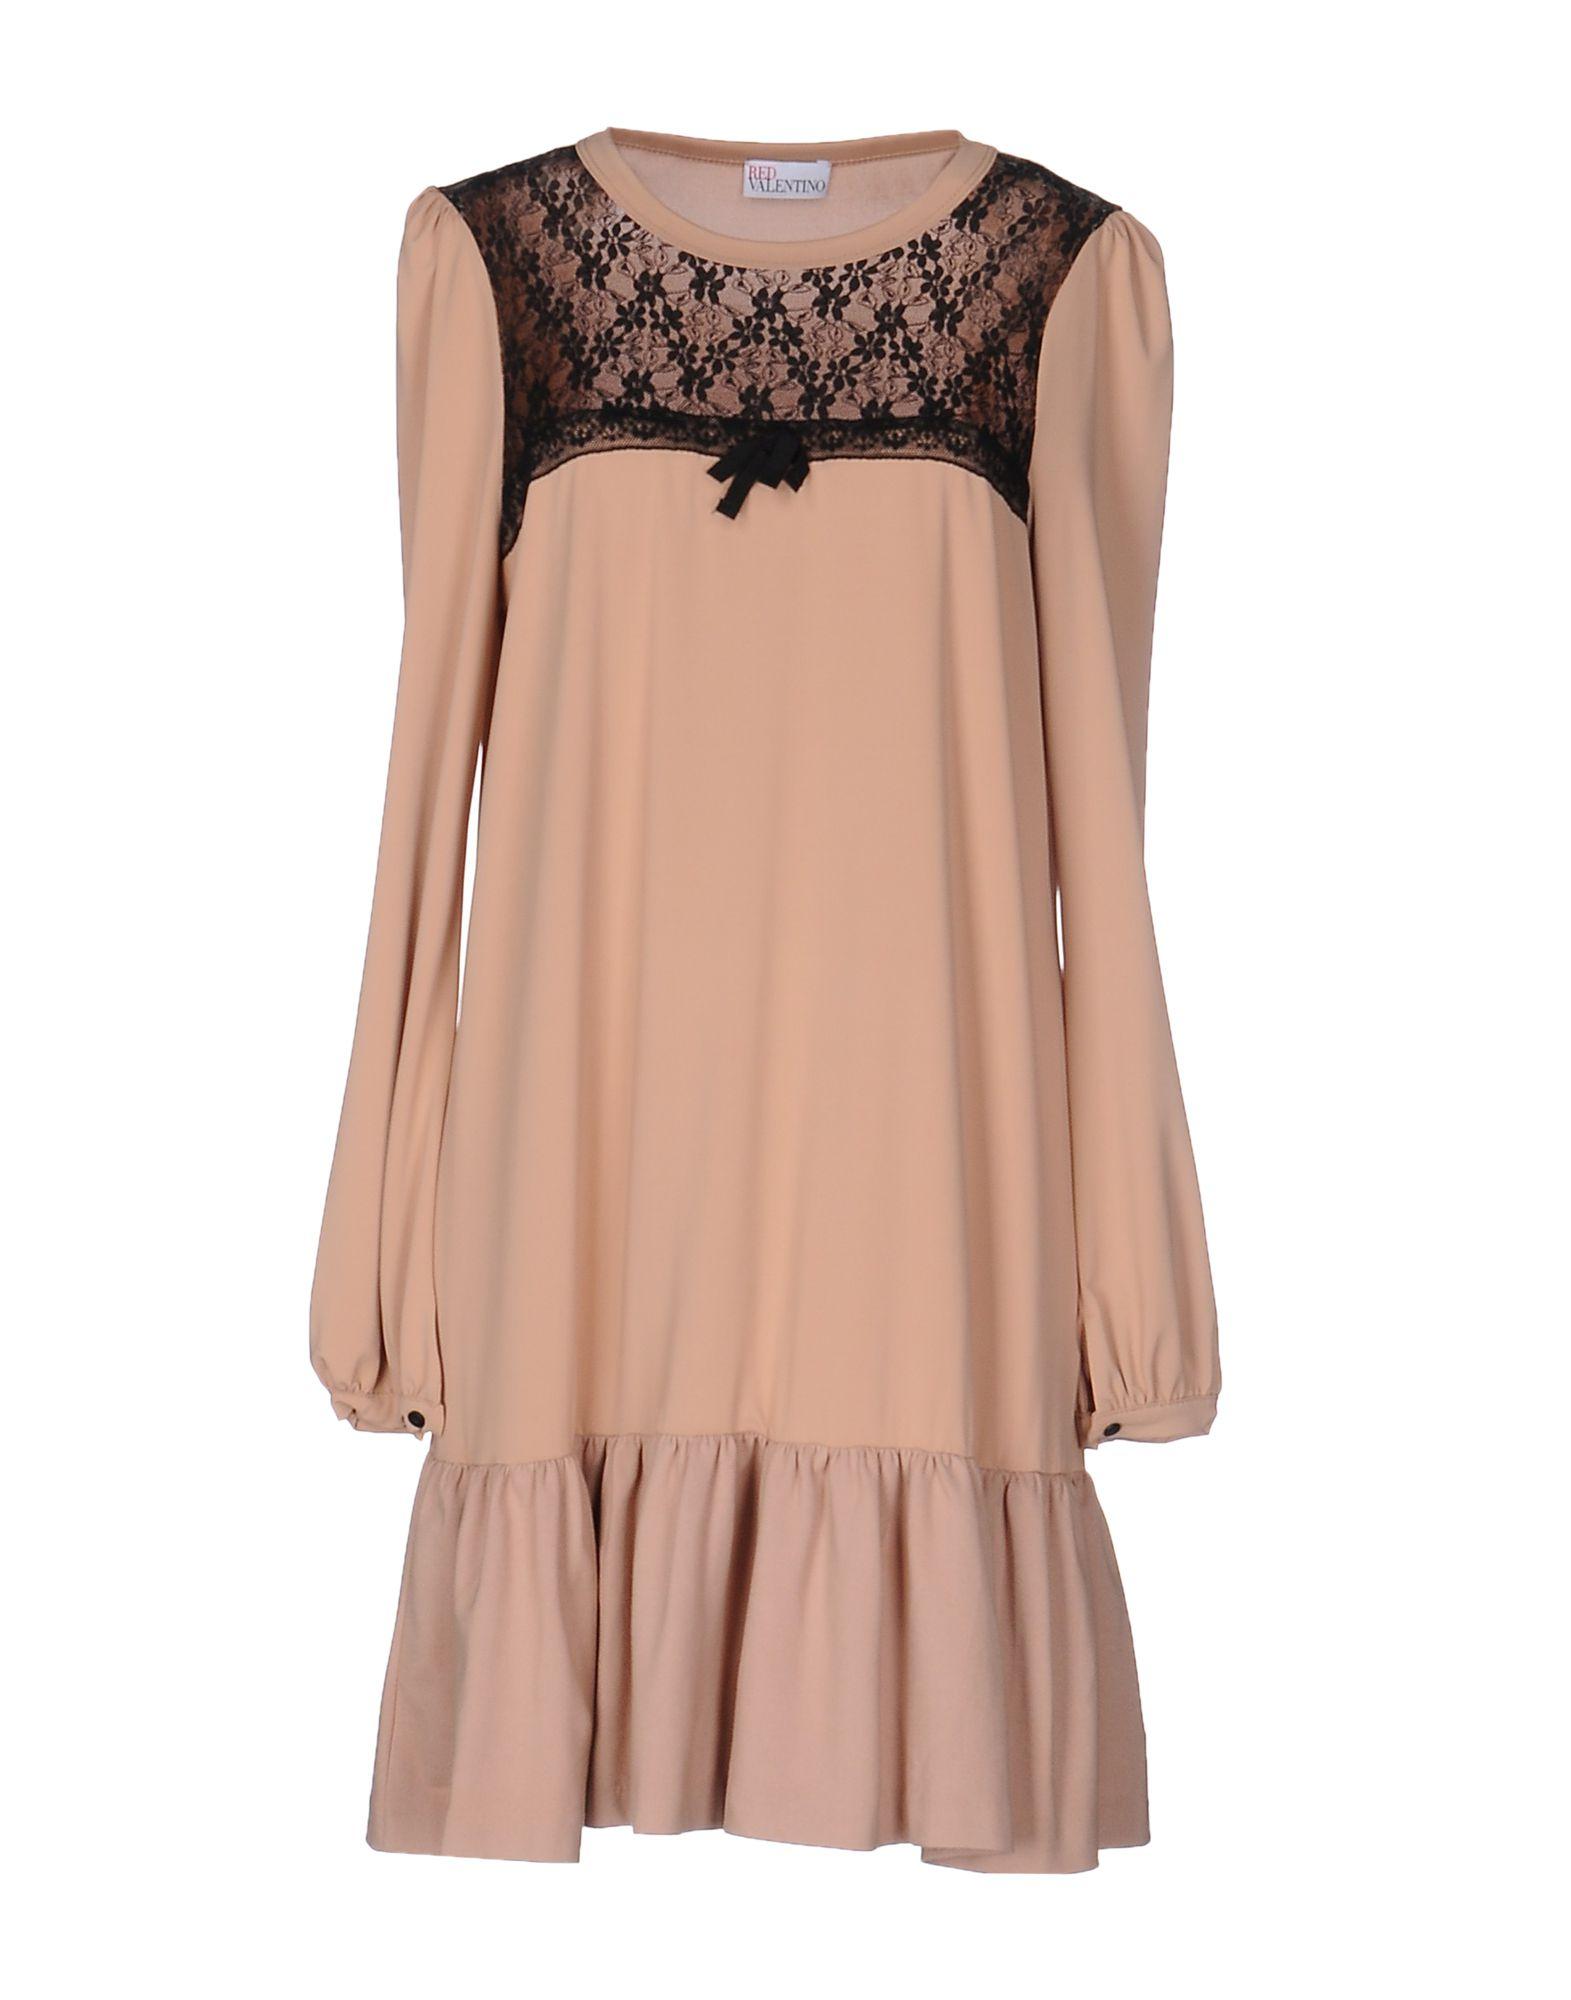 REDValentino Damen Kurzes Kleid Farbe Nude Größe 7 - broschei